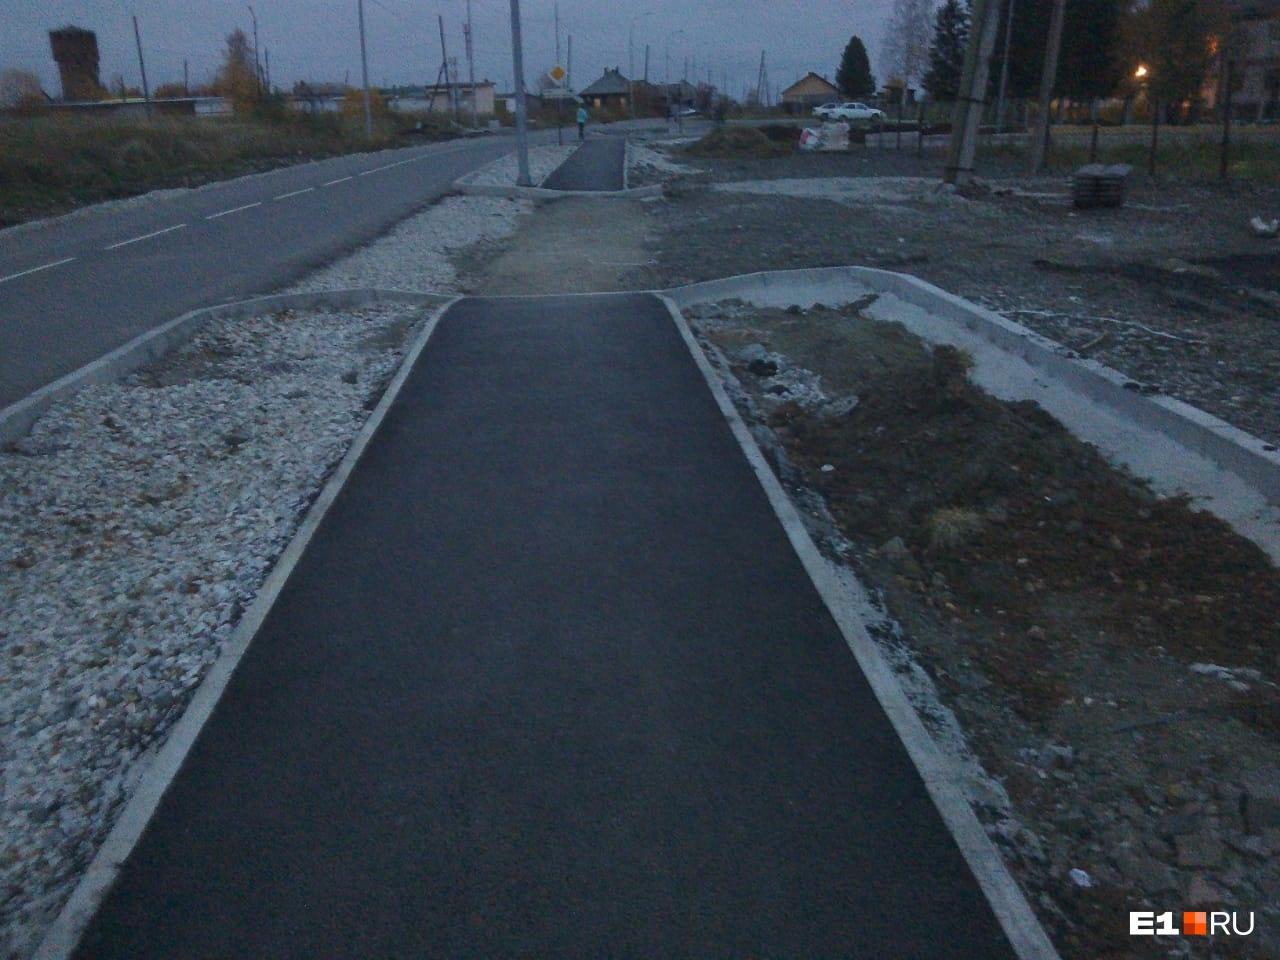 После ДТП на месте аварии начались строительные работы